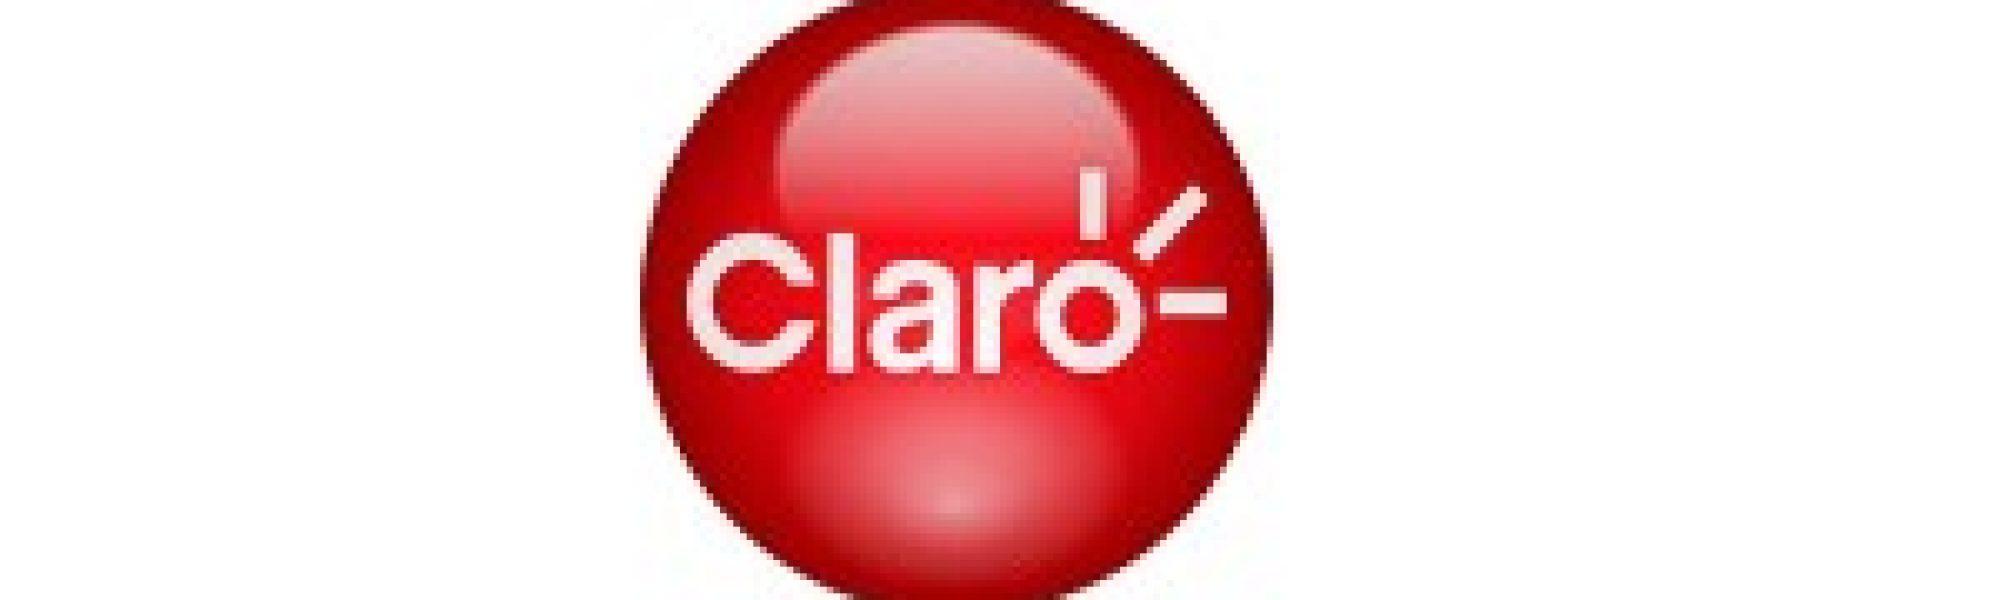 Claro-300x100